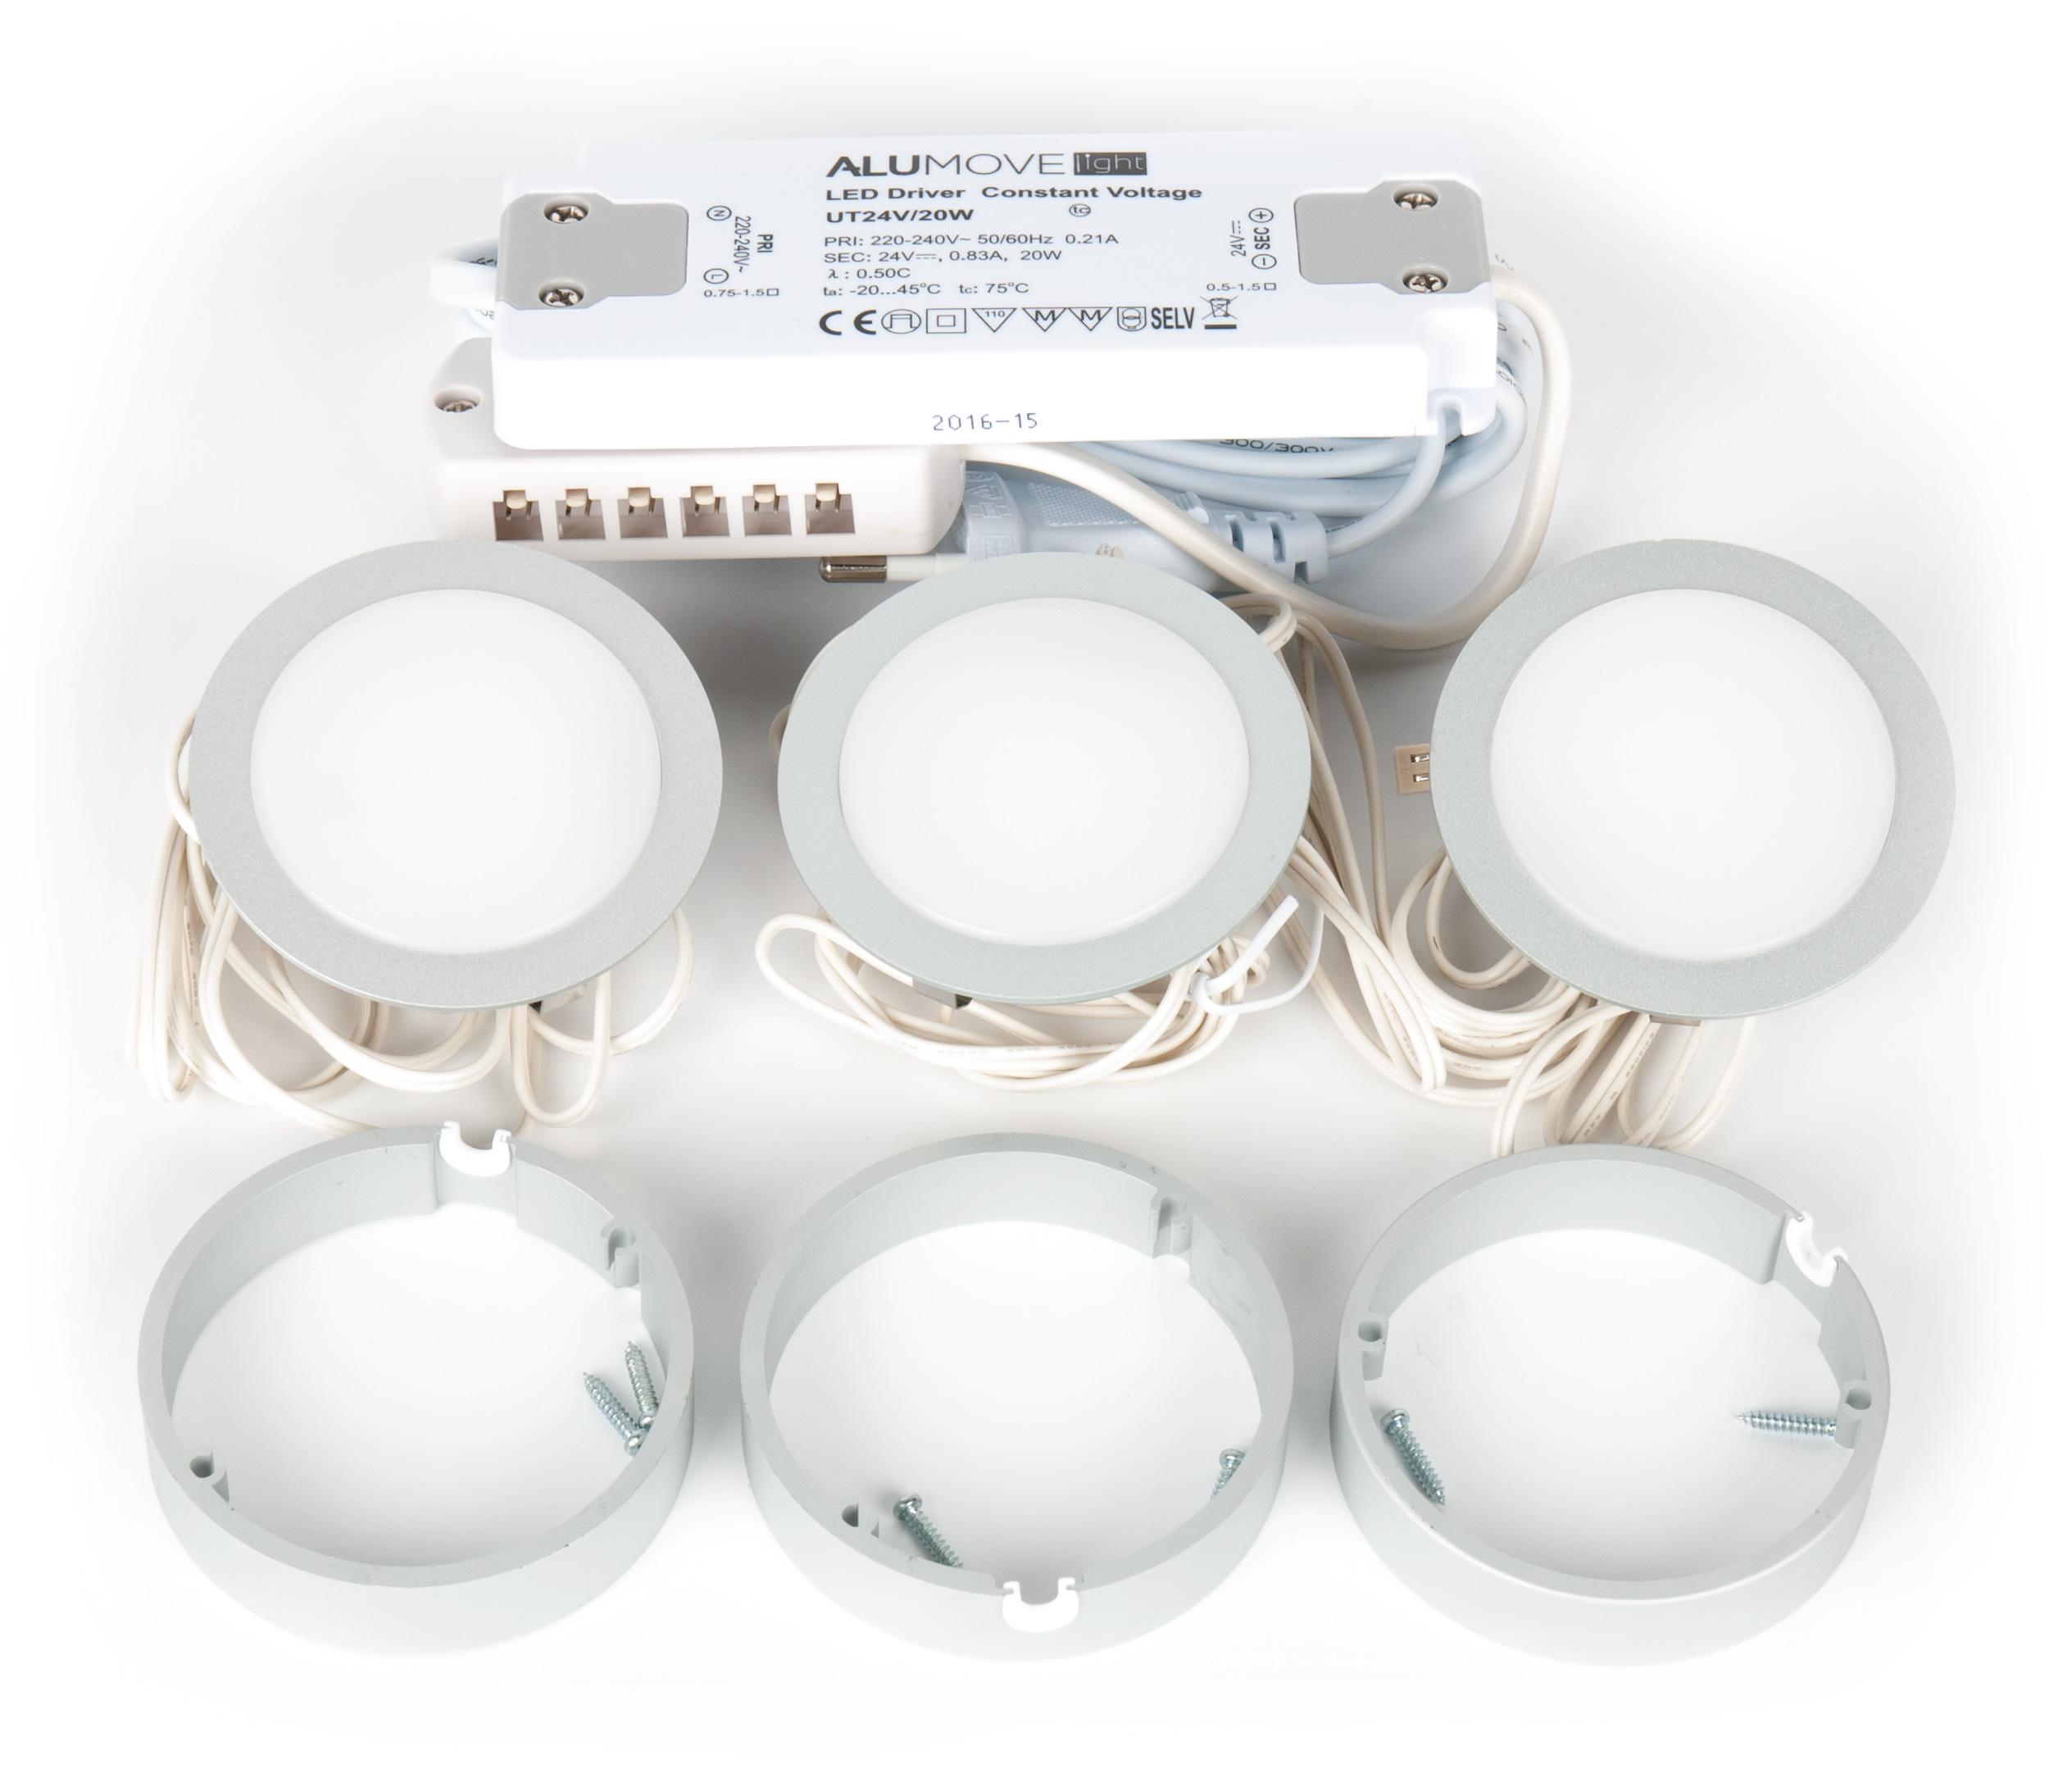 Светильник LUCAS Set3, комплект 9Вт, 24B, 3 каб. 2м с раз.MiniPlug, трансформатор алюминий/свет теплый